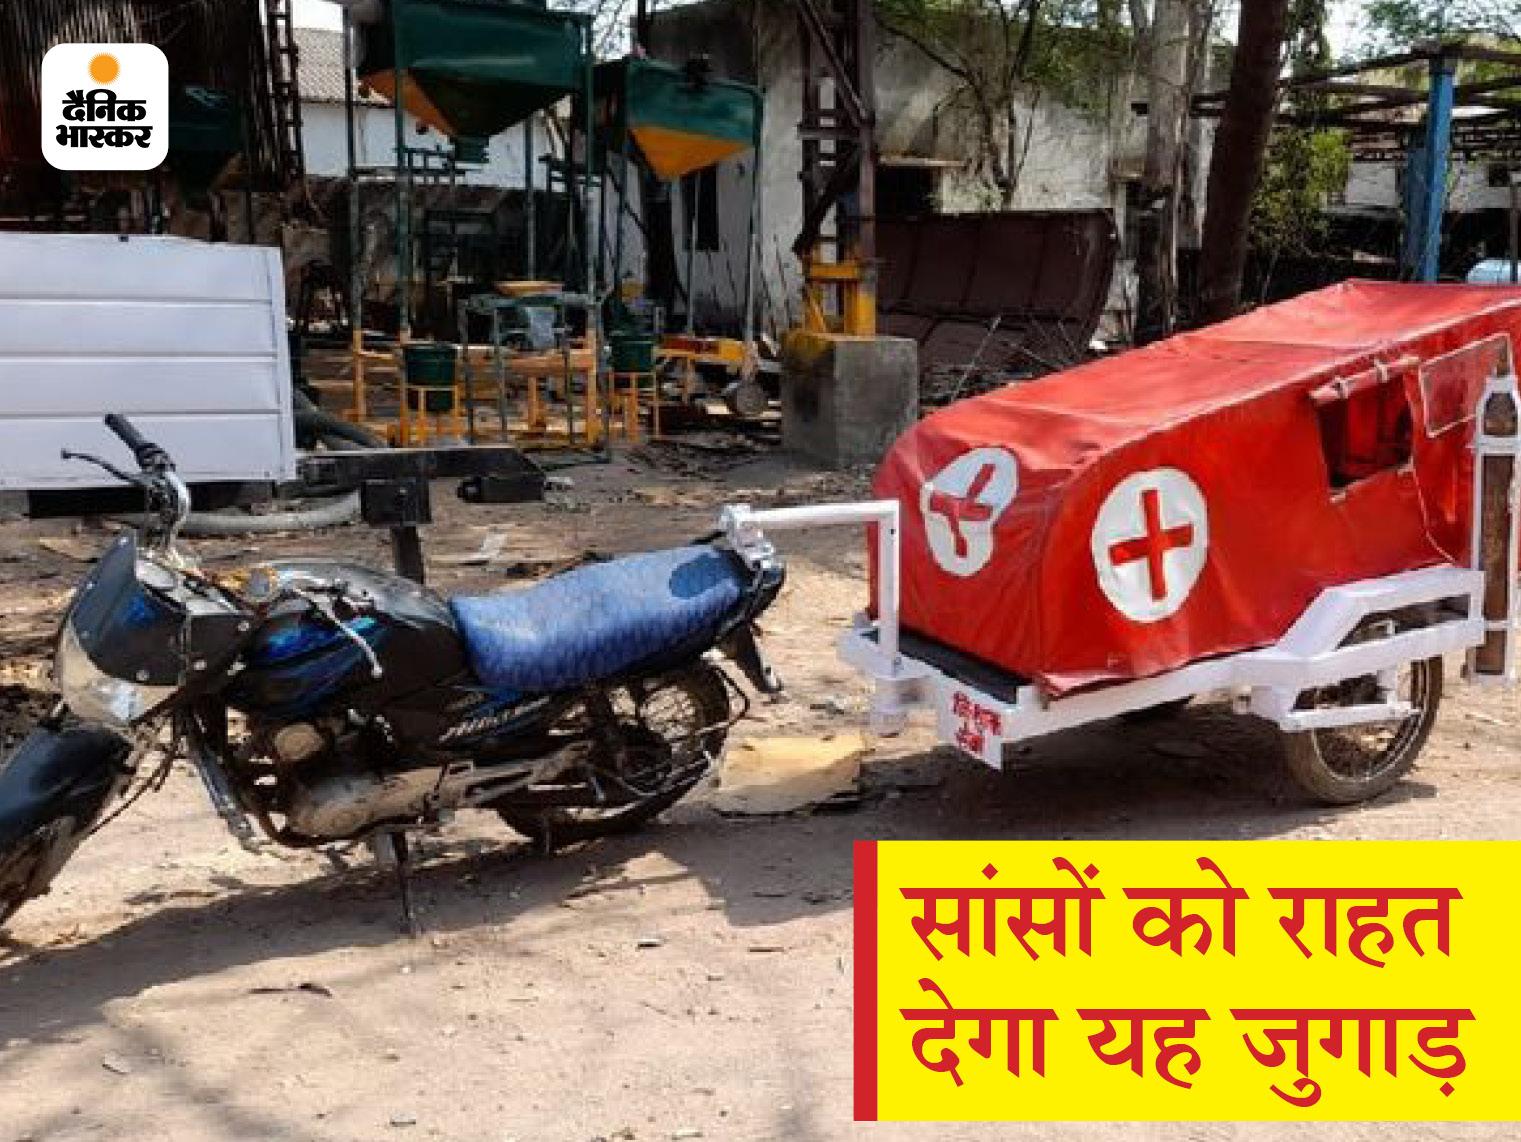 24 घंटे में नए मरीजों से ज्यादा ठीक हुए; सीहोर, हरदा और राजगढ़ में 10 मई की सुबह तक लॉकडाउन बढ़ाया, भोपाल के लिए आदेश जल्द|मध्य प्रदेश,Madhya Pradesh - Dainik Bhaskar